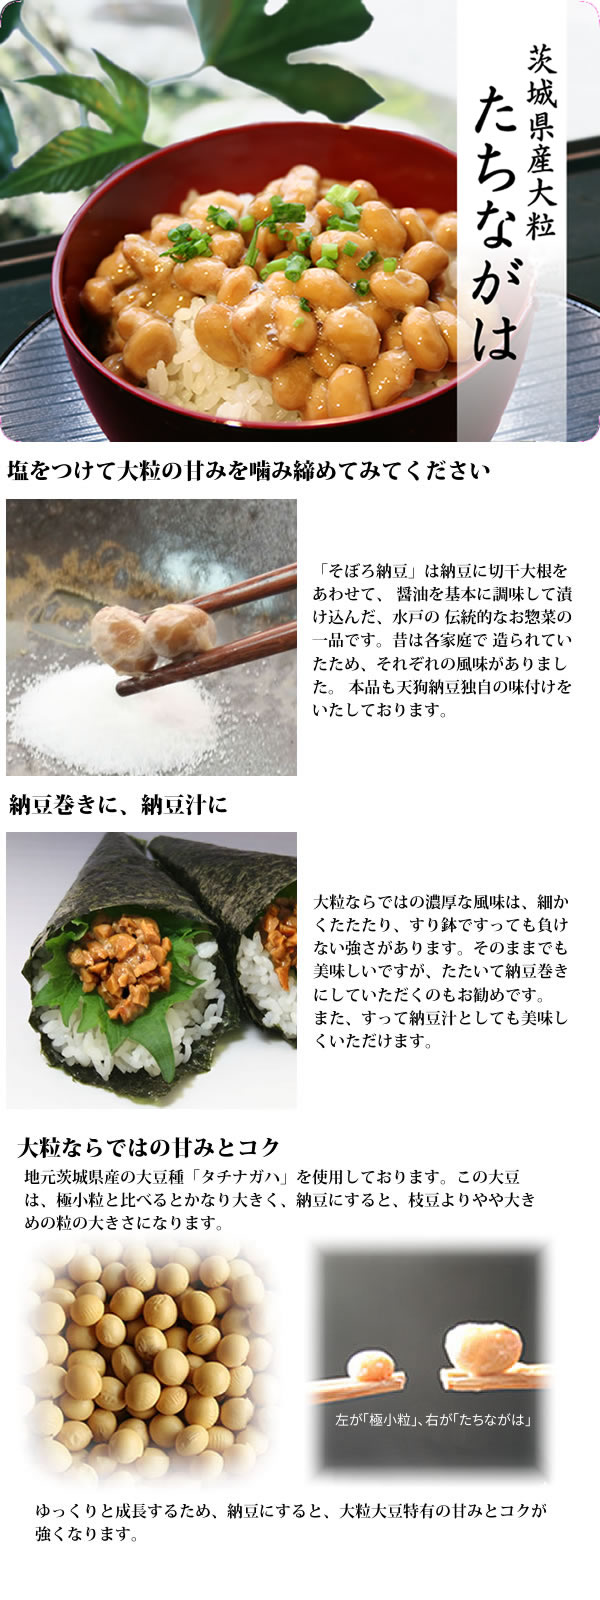 茨城県産大粒大豆たちながはの特徴について